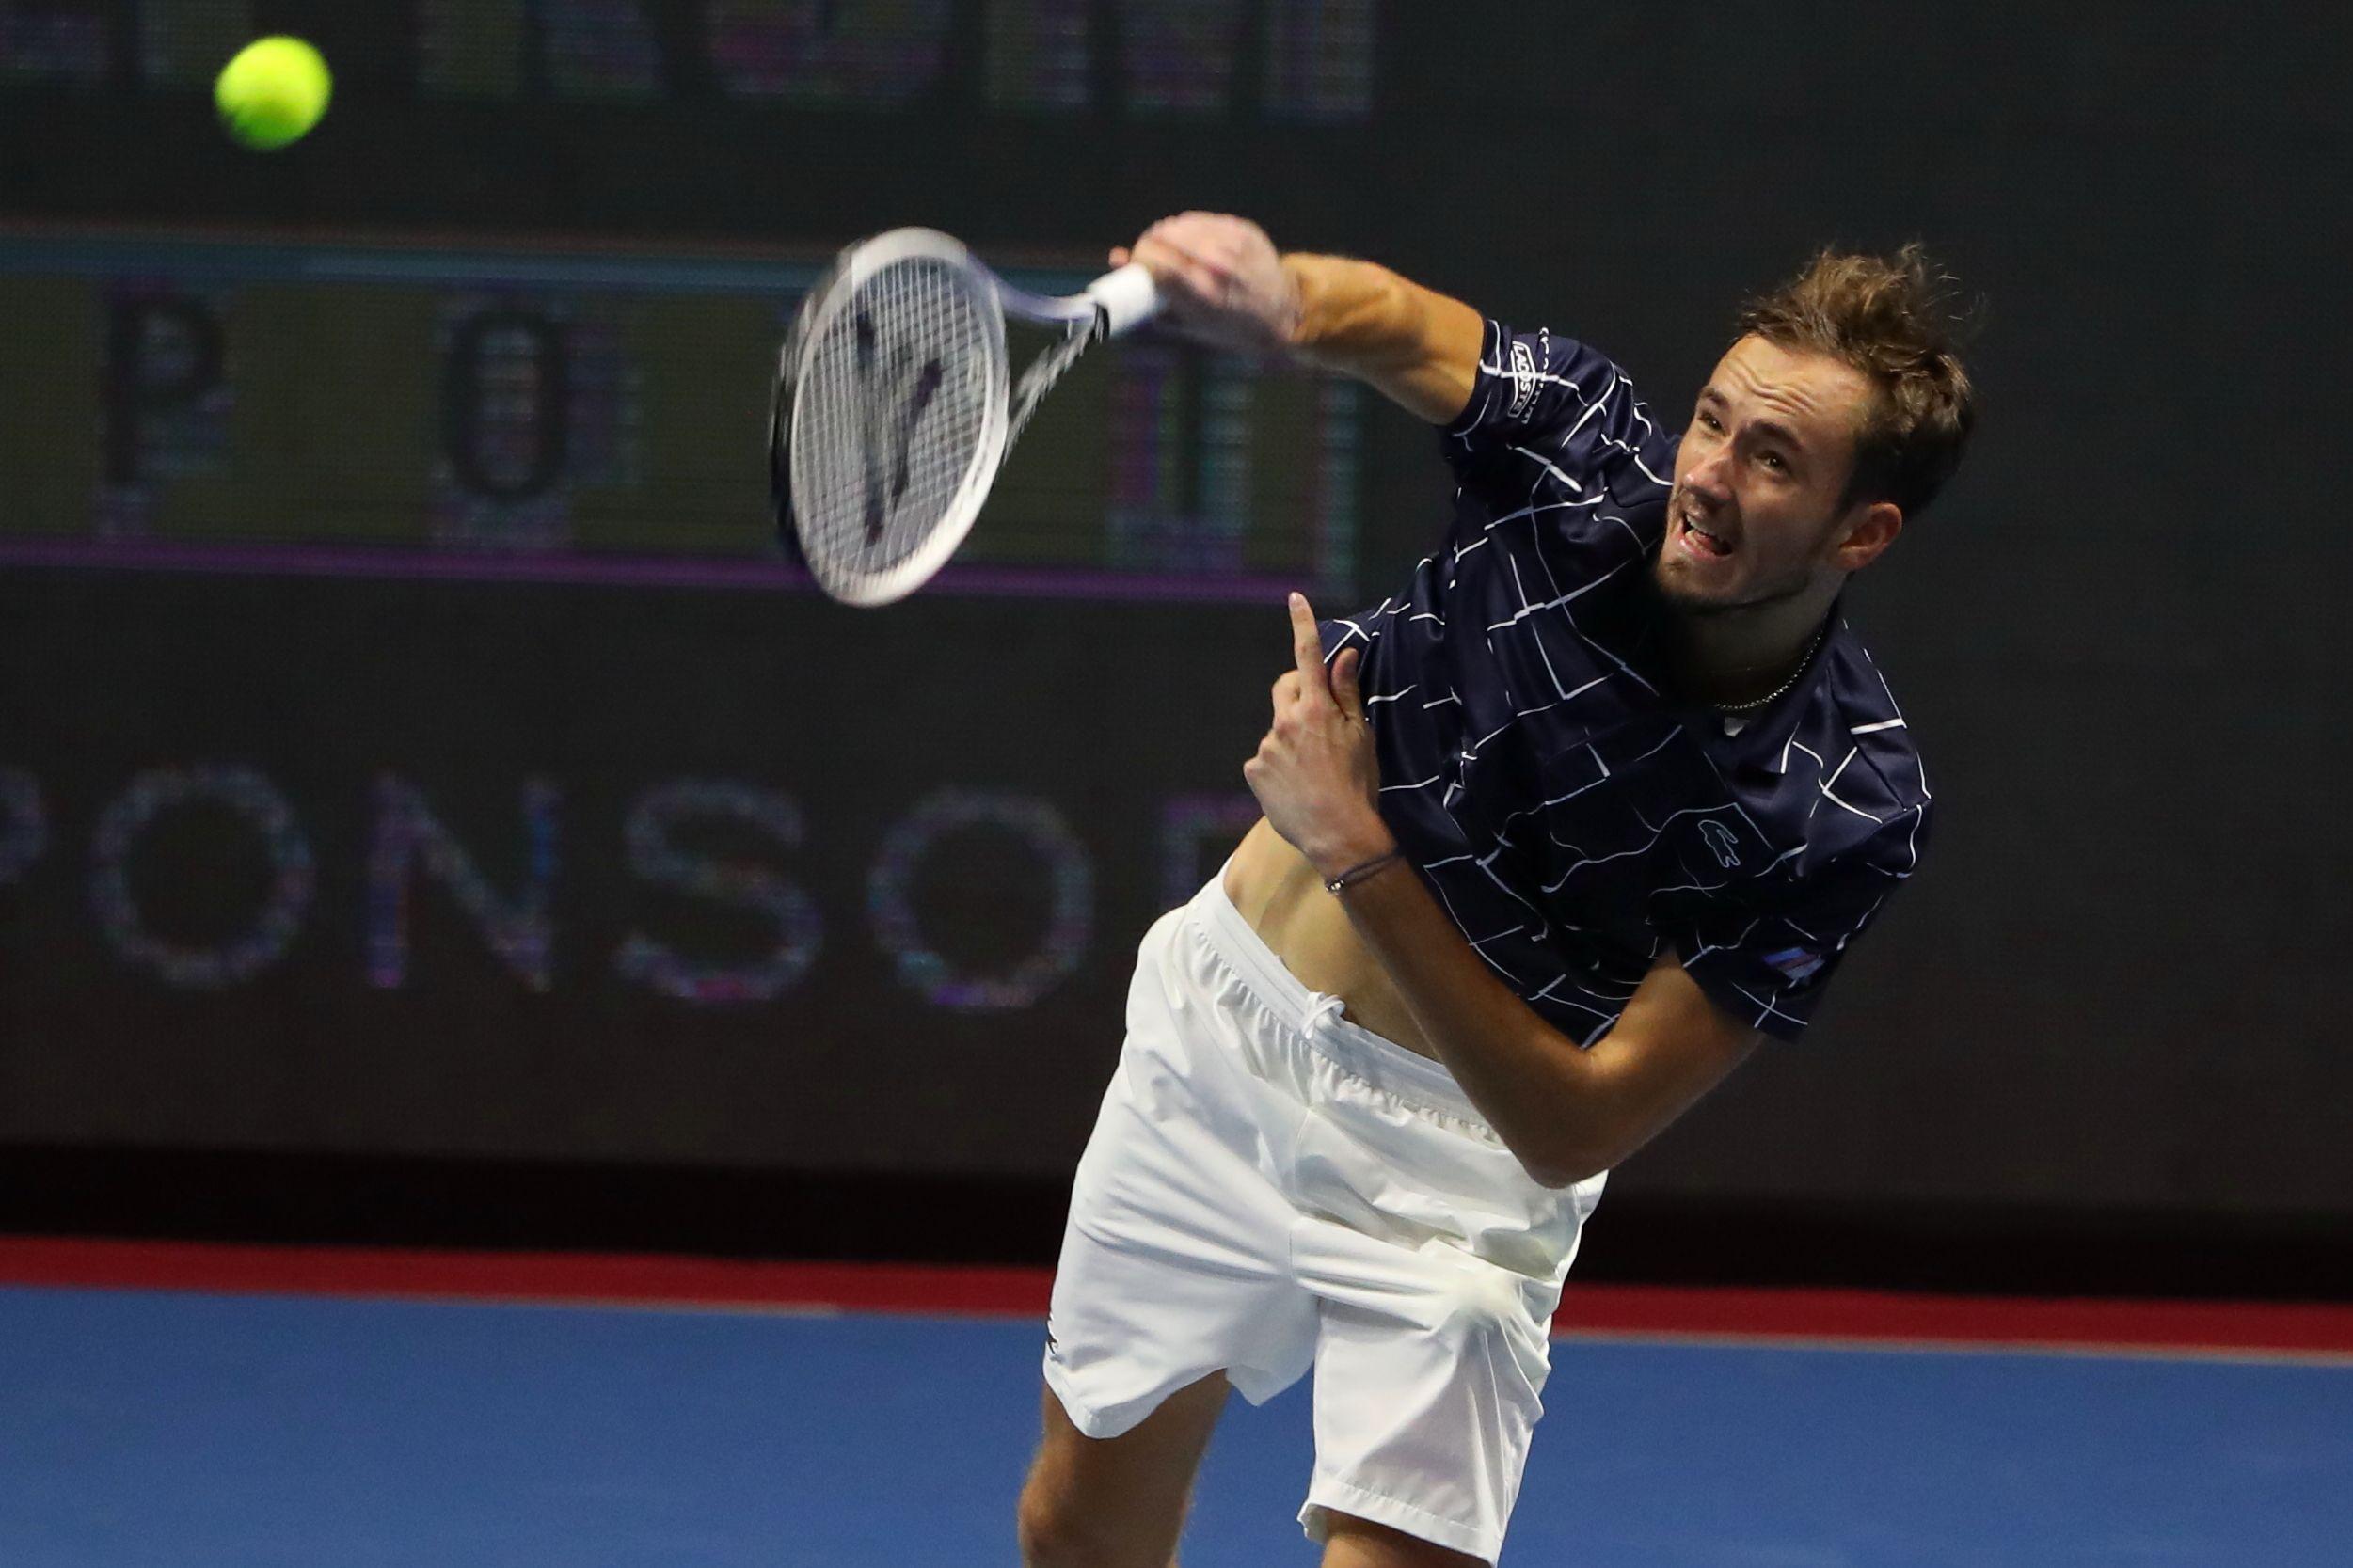 Чесноков назвал задачу-минимум Медведева на Итоговом чемпионате ATP